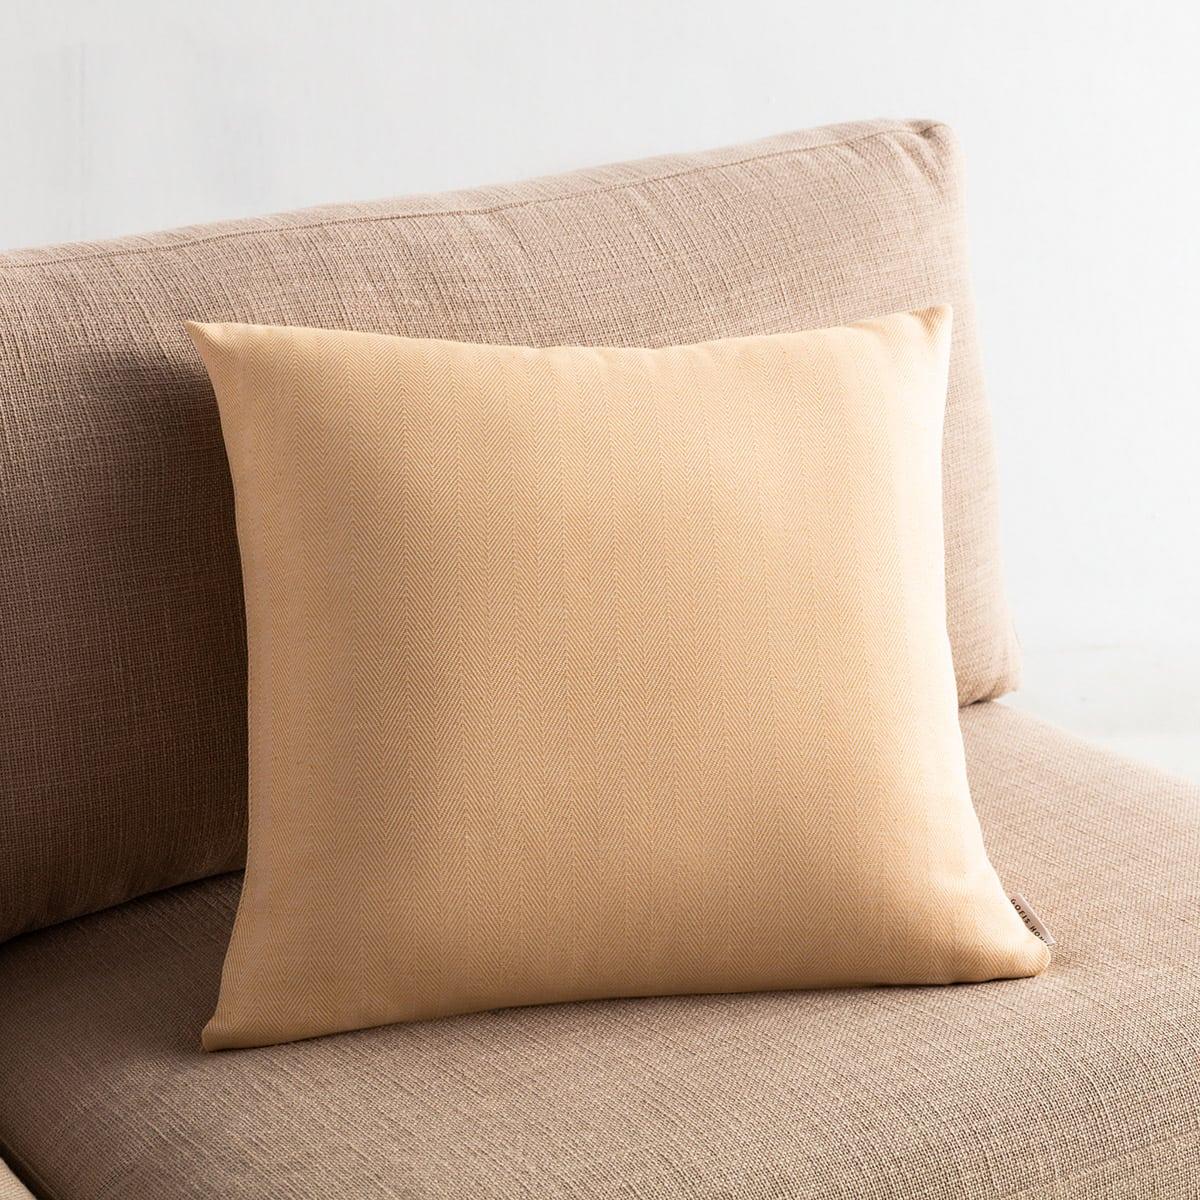 Μαξιλαροθήκη Διακοσμητική Rene 732/04 Mustard Gofis Home 50X50 Βαμβάκι-Polyester